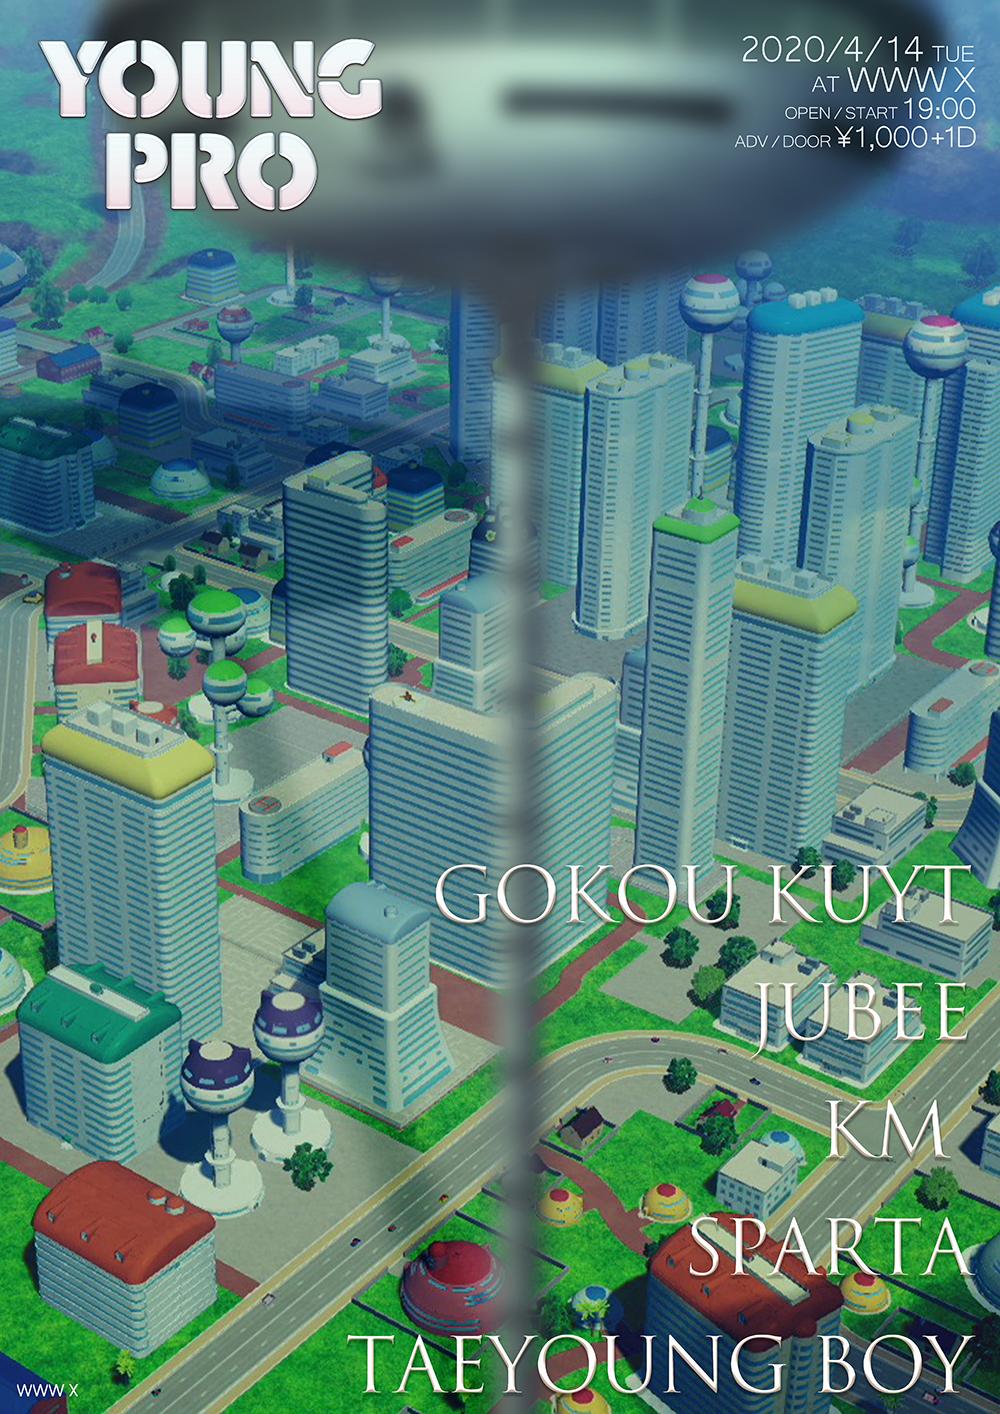 Gokou Kuyt / JUBEE / KM / SPARTA / Taeyoung Boy